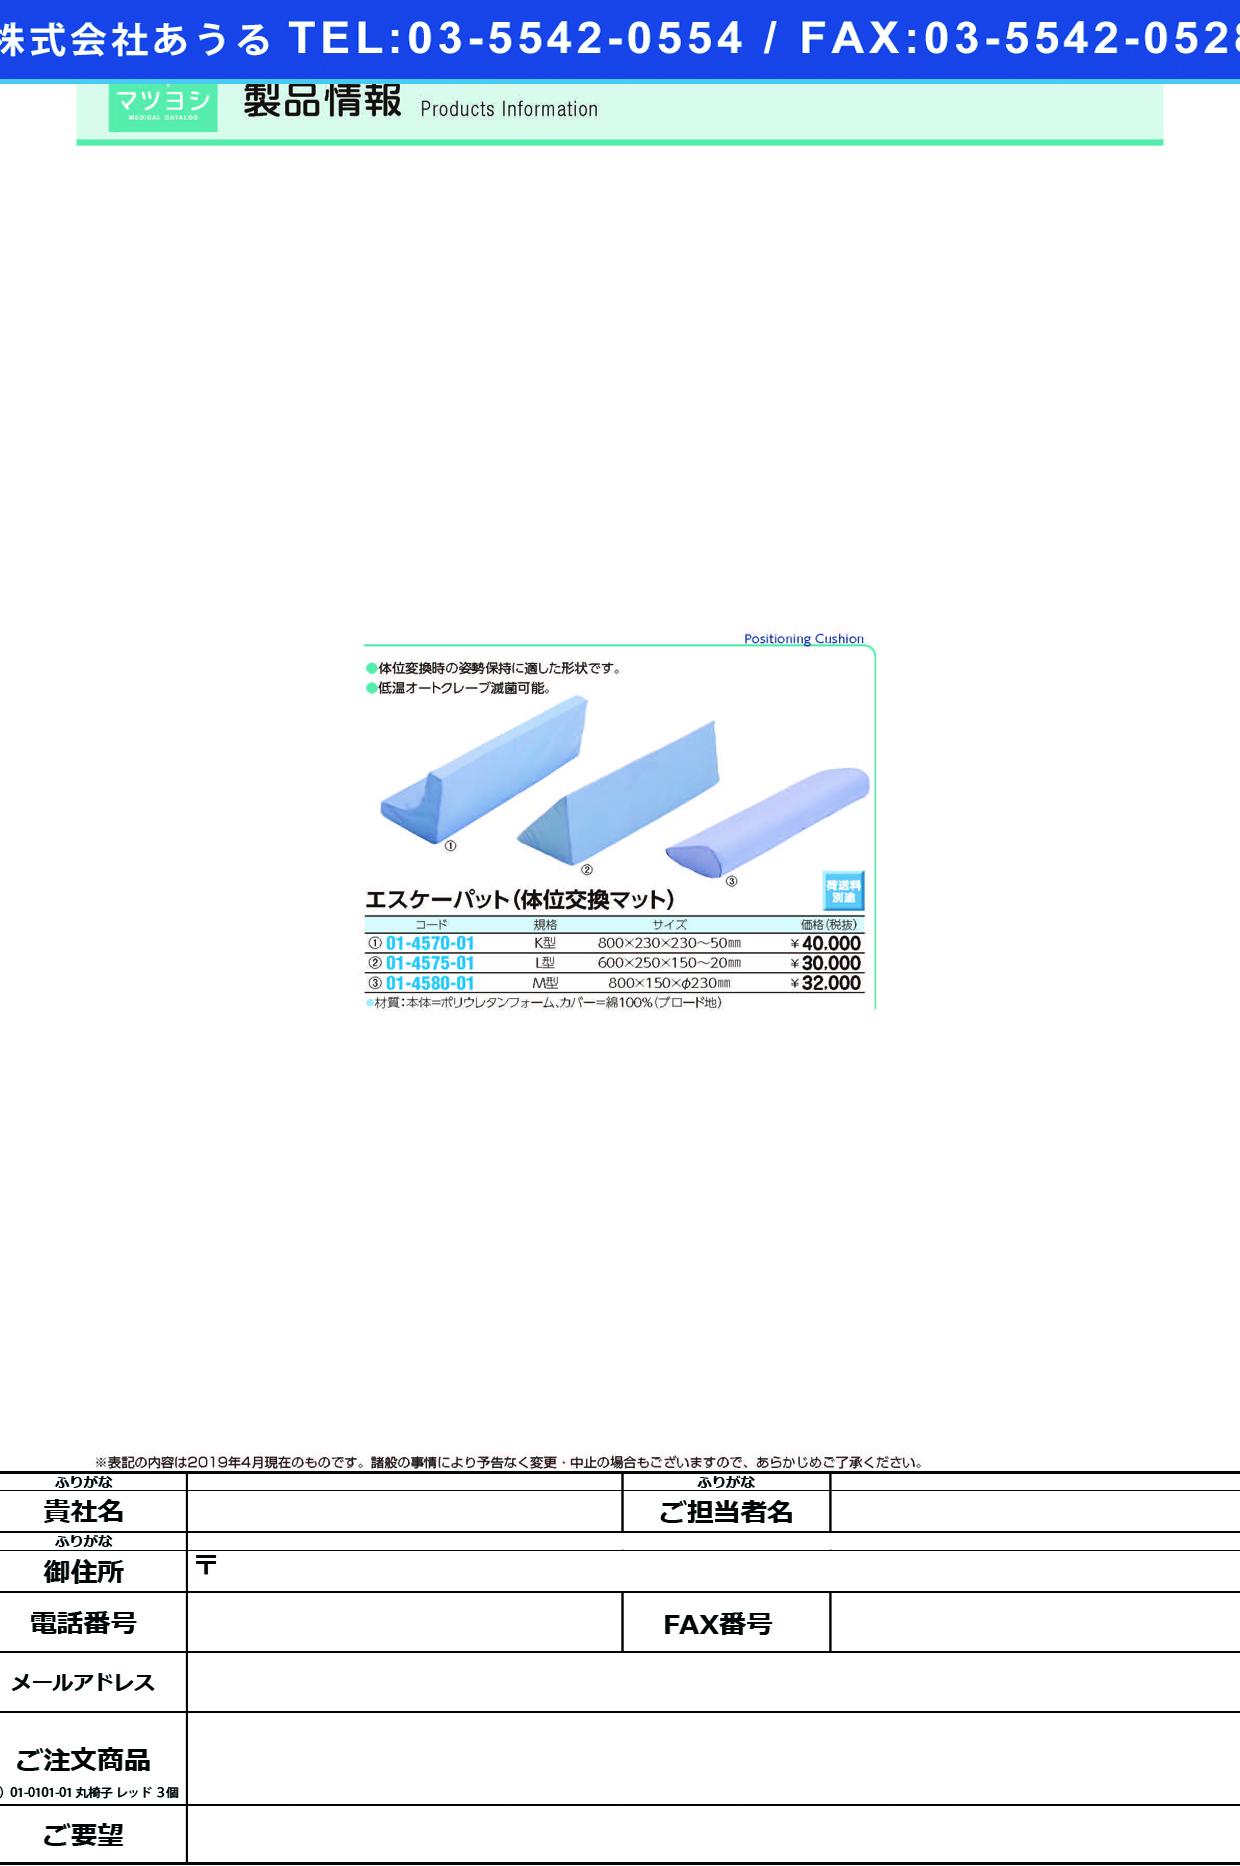 (01-4570-01)エスケーパット(体位交換マット) Kガタ エスケーパット【1個単位】【2019年カタログ商品】